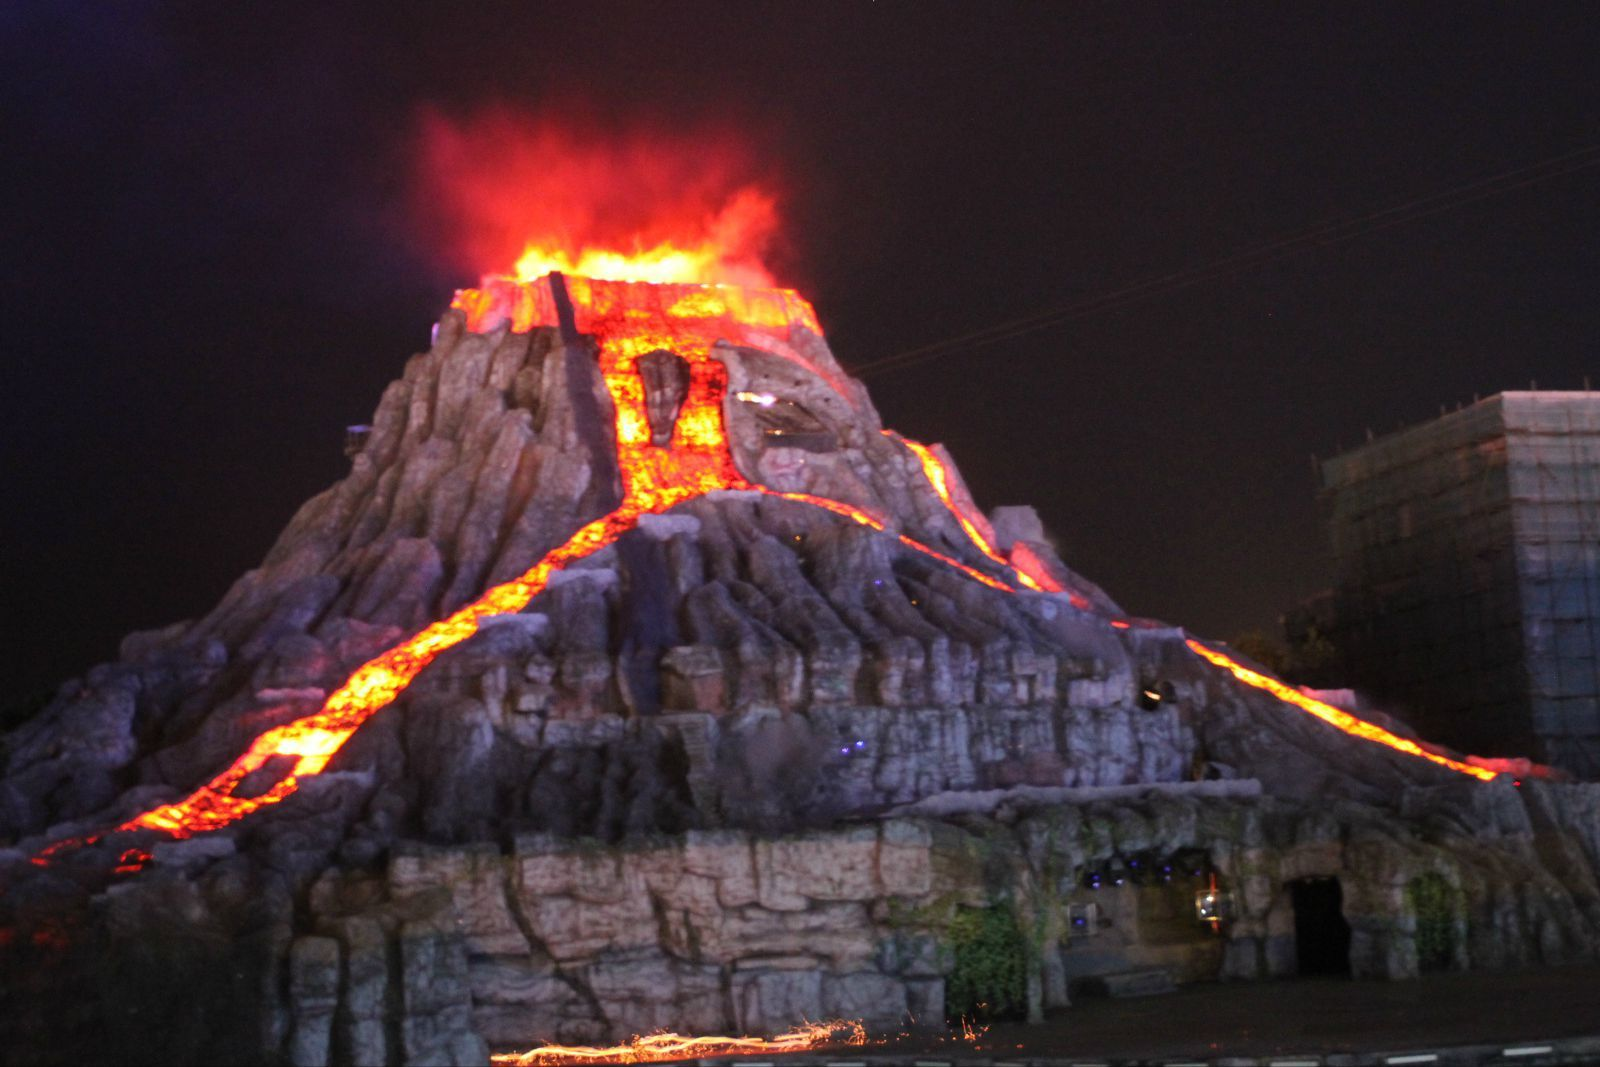 火山爆发.是真的火,坐在看台都觉得一股热浪袭来.